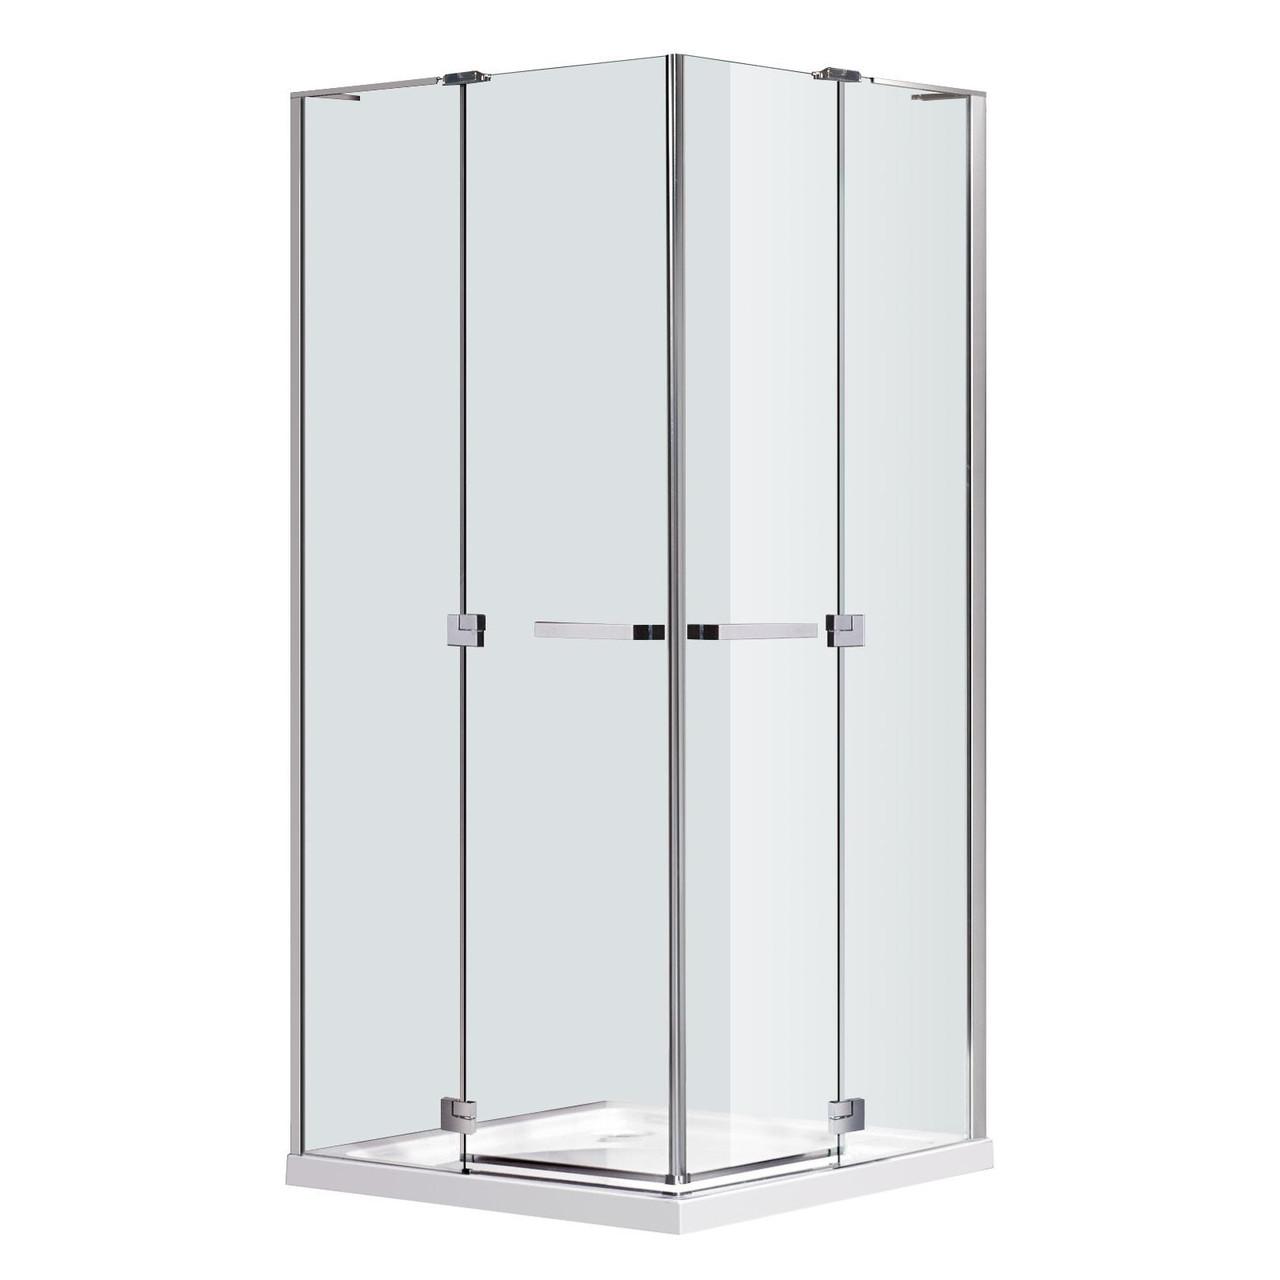 RUBIK душевая кабина 100*100*190см квадратная (стекла + двери), распашные двери, стекло прозрачное 8мм